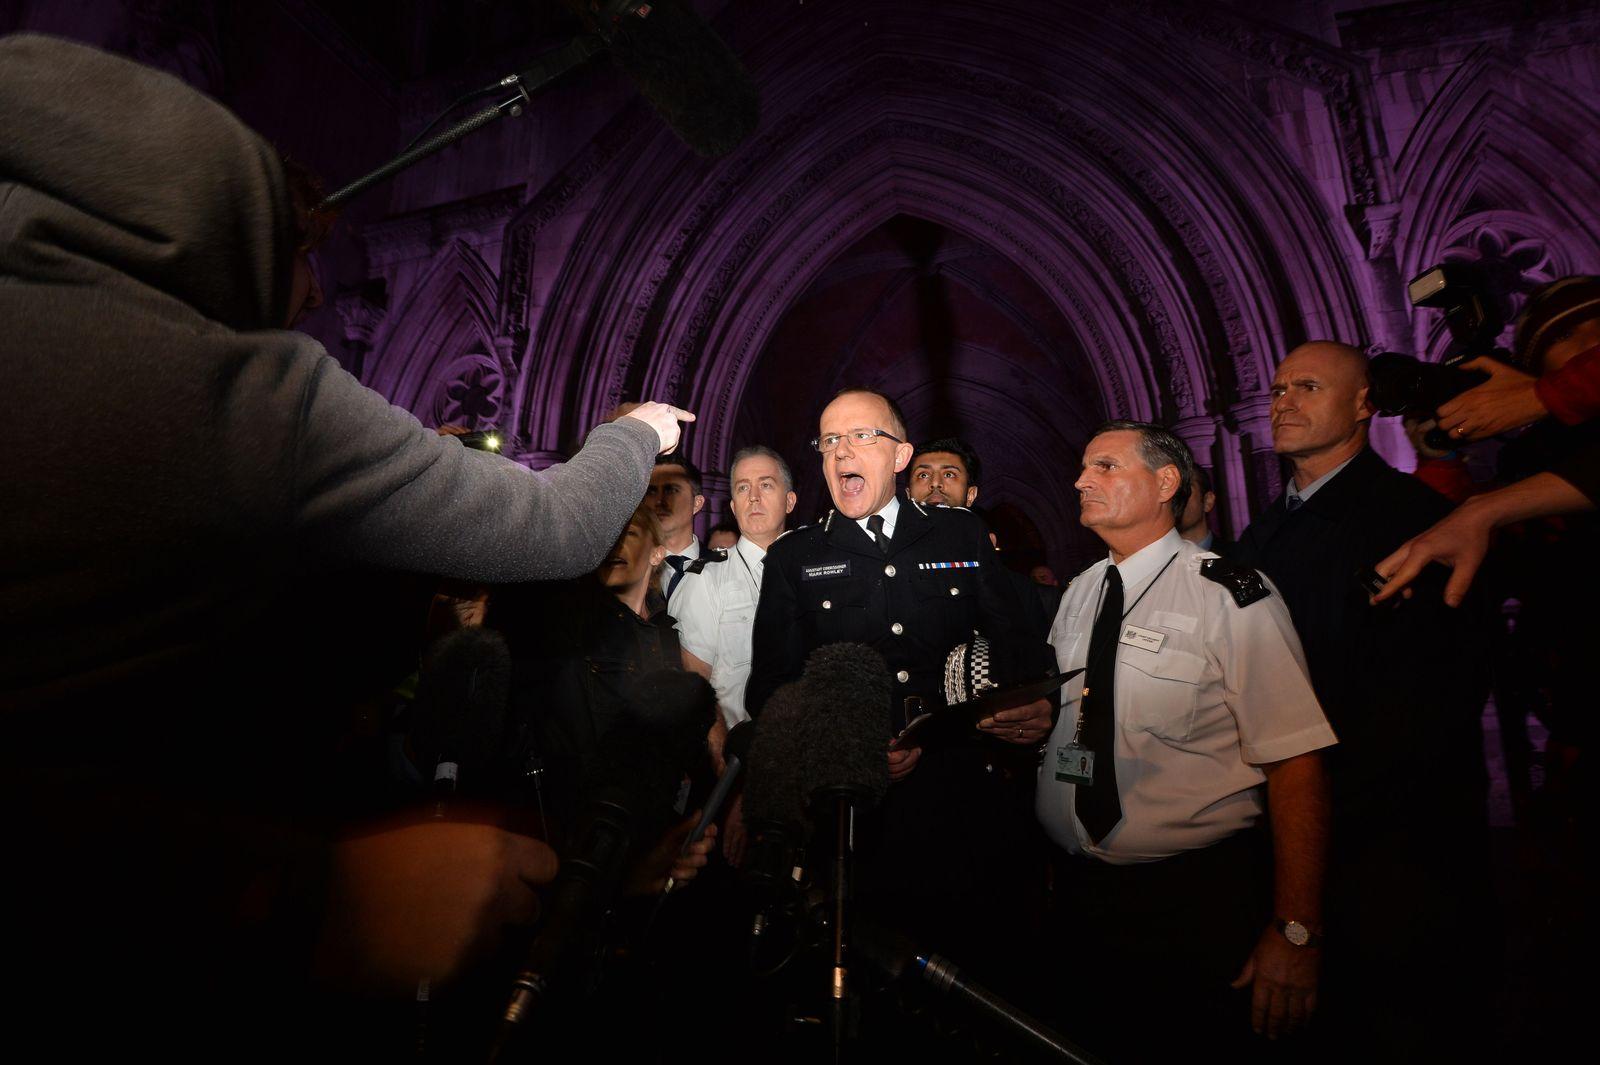 BRITAIN-UNREST-COURT-POLICE